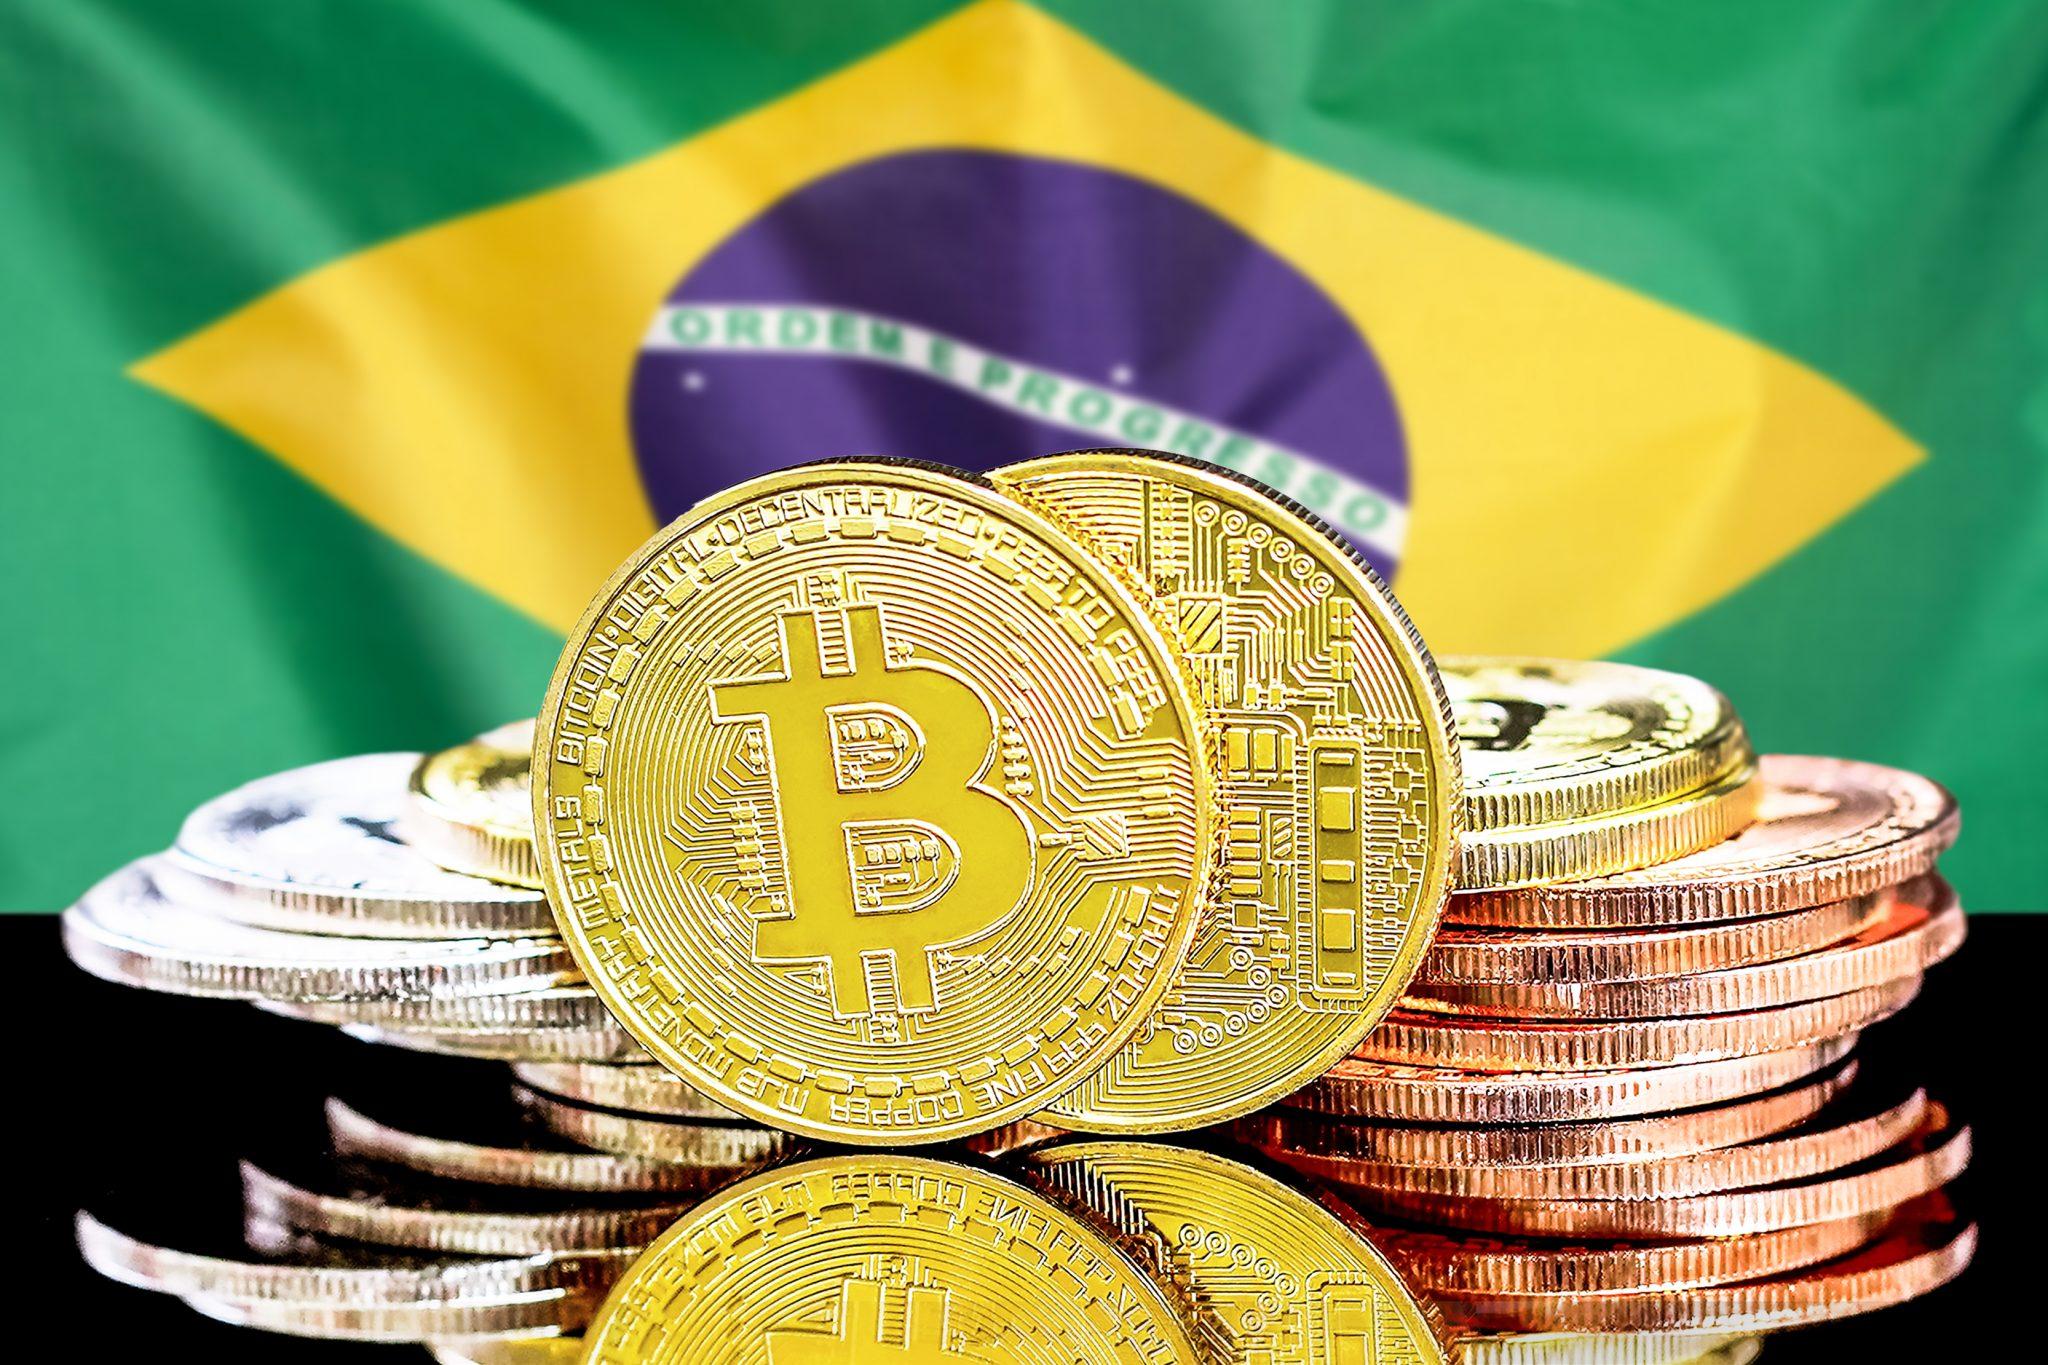 Frenesia istituzionale: il CME diventa il 2° più grande mercato di Bitcoin future